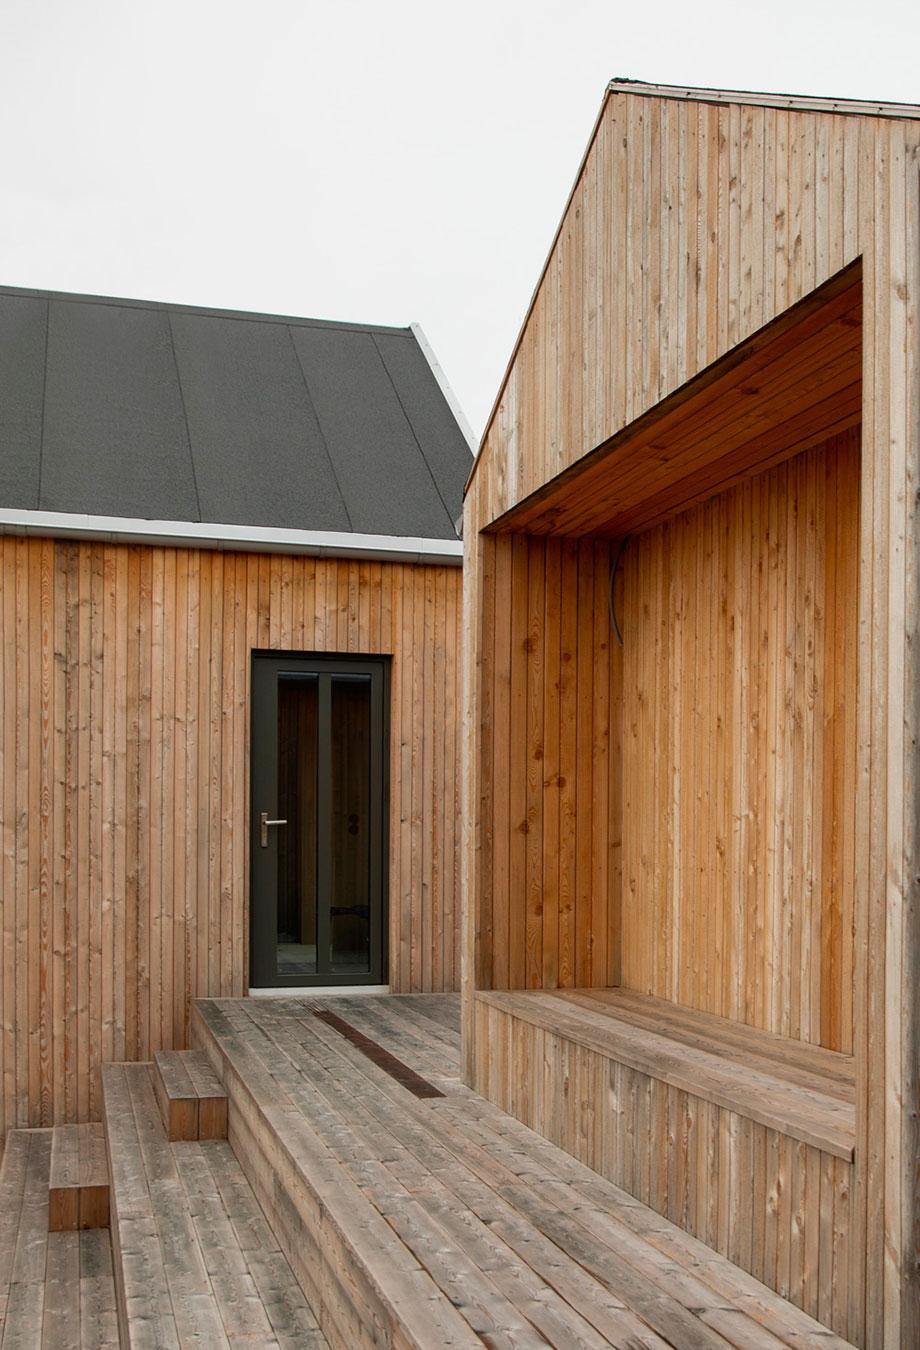 archipielago house de norm architects (2) - foto jonas bjerre-poulsen